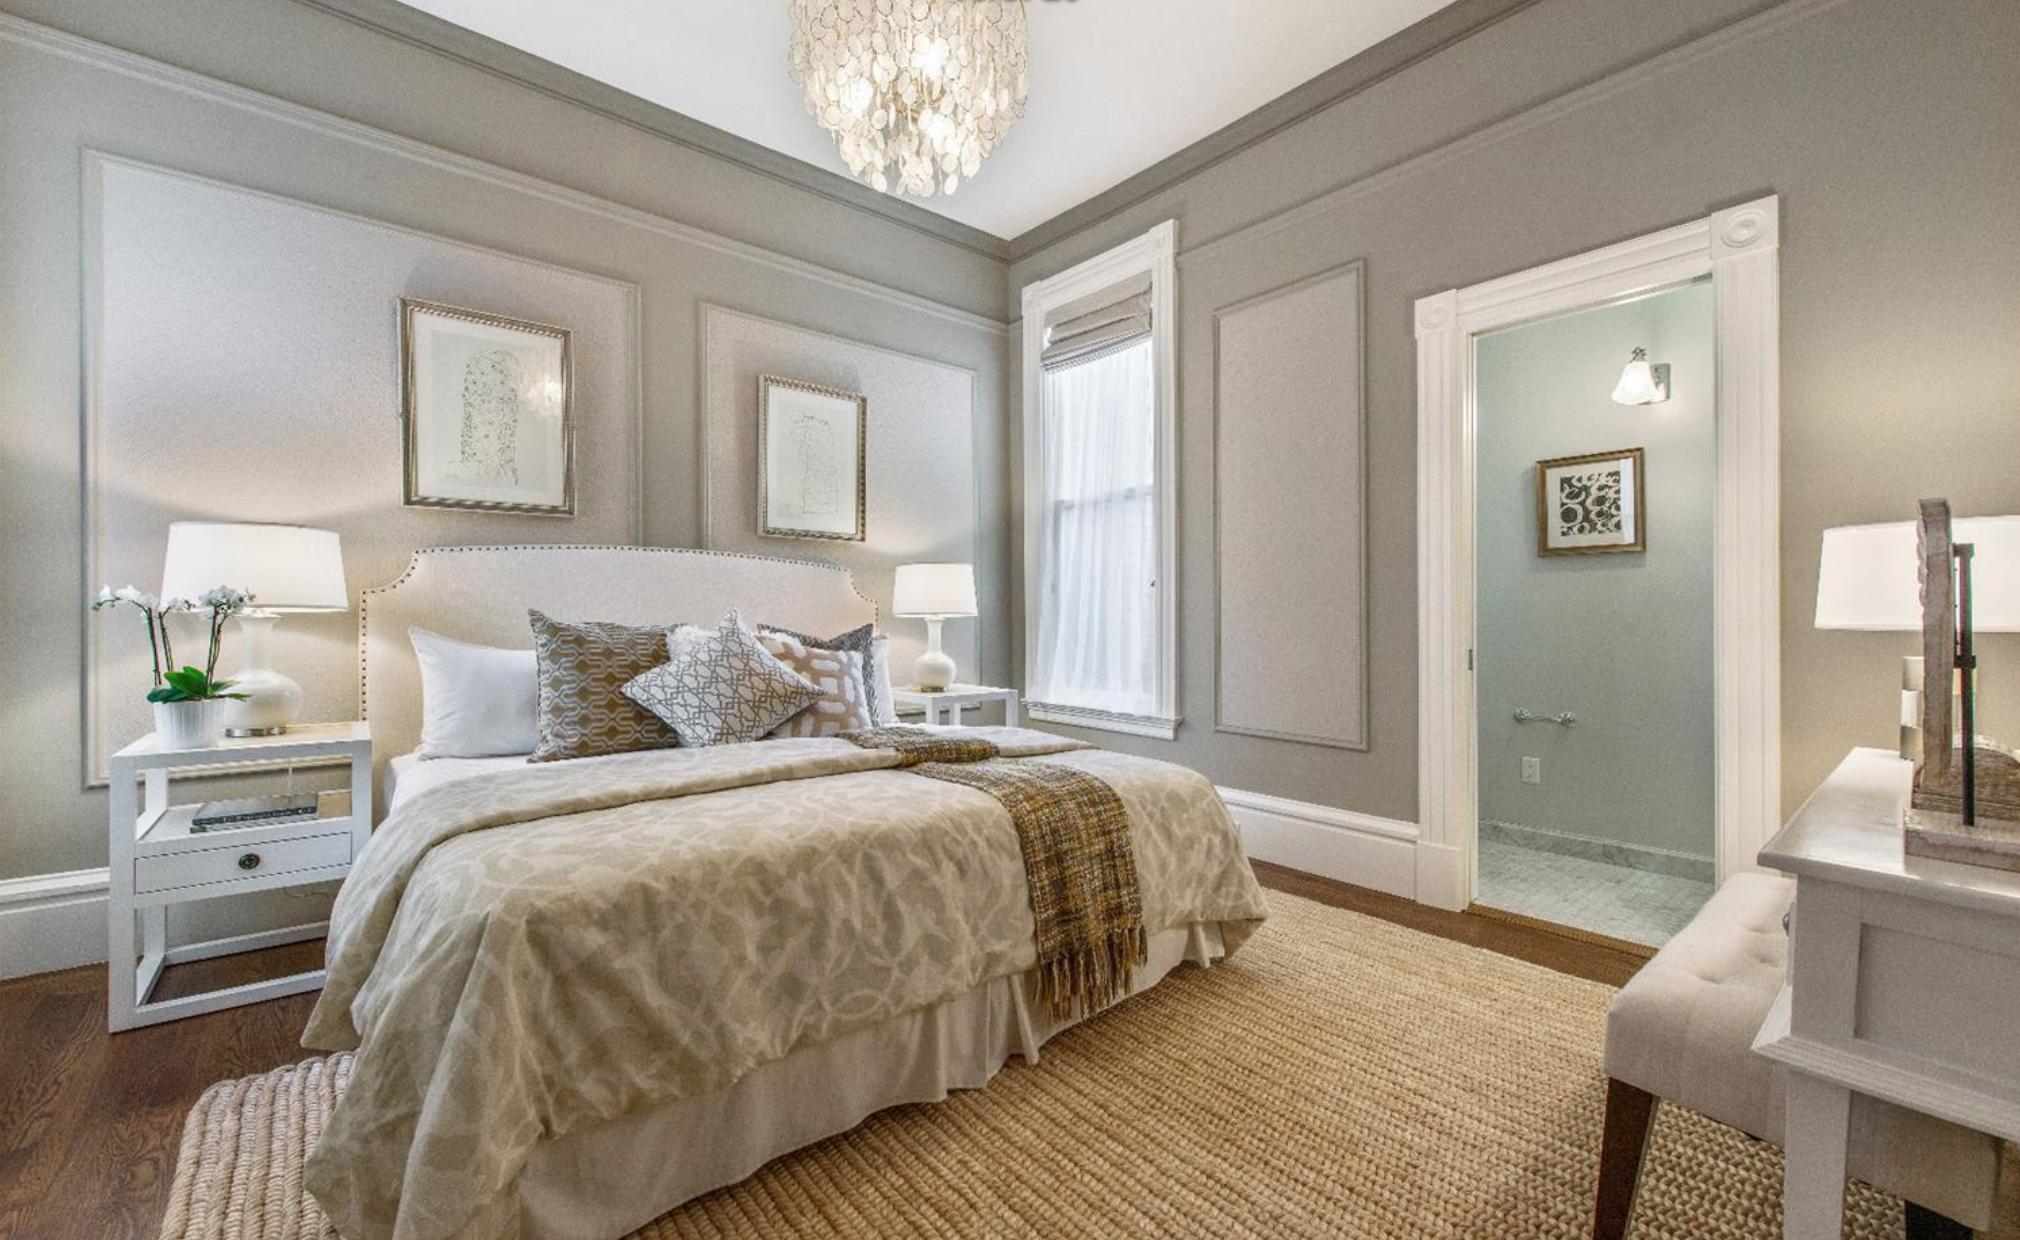 2046 Divisadero St - Master Bedroom